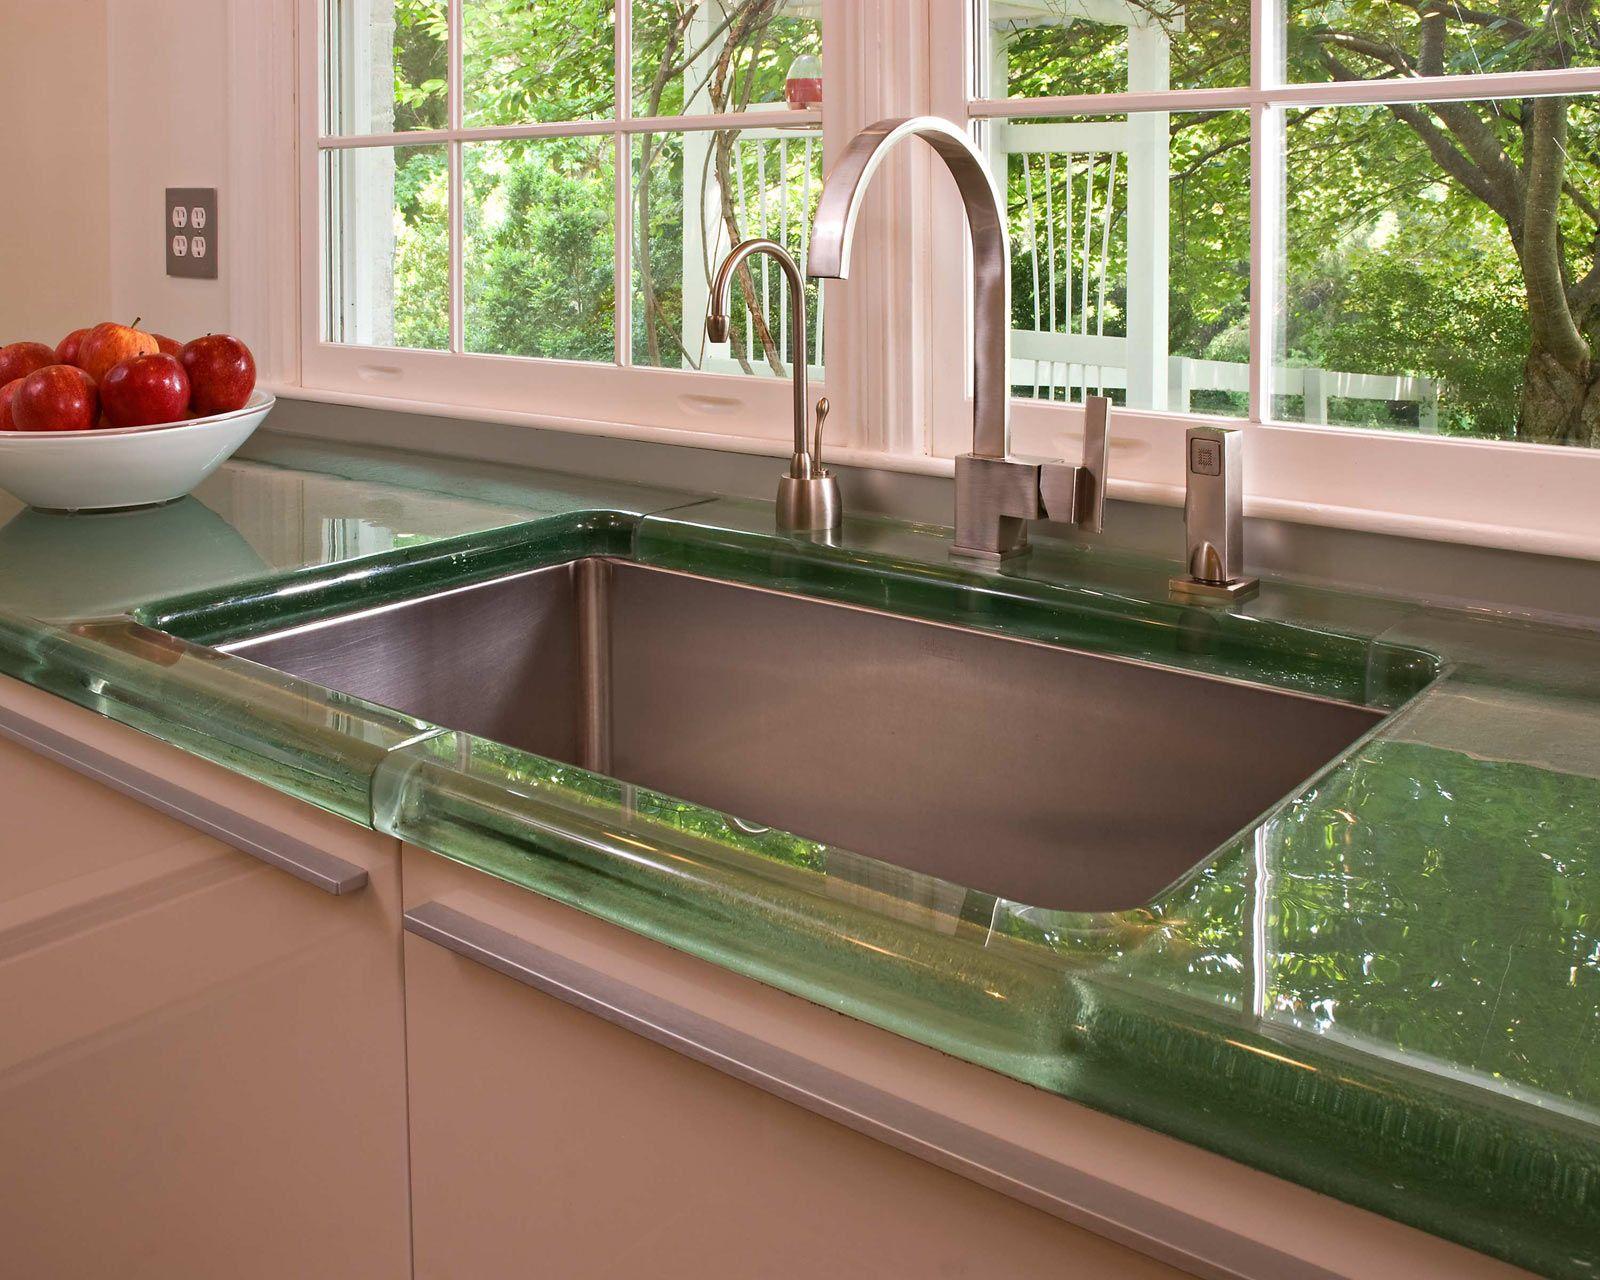 Glass Countertop Price Per Square Foot Google Search Glass Countertops Glass Kitchen Countertops Outdoor Kitchen Countertops